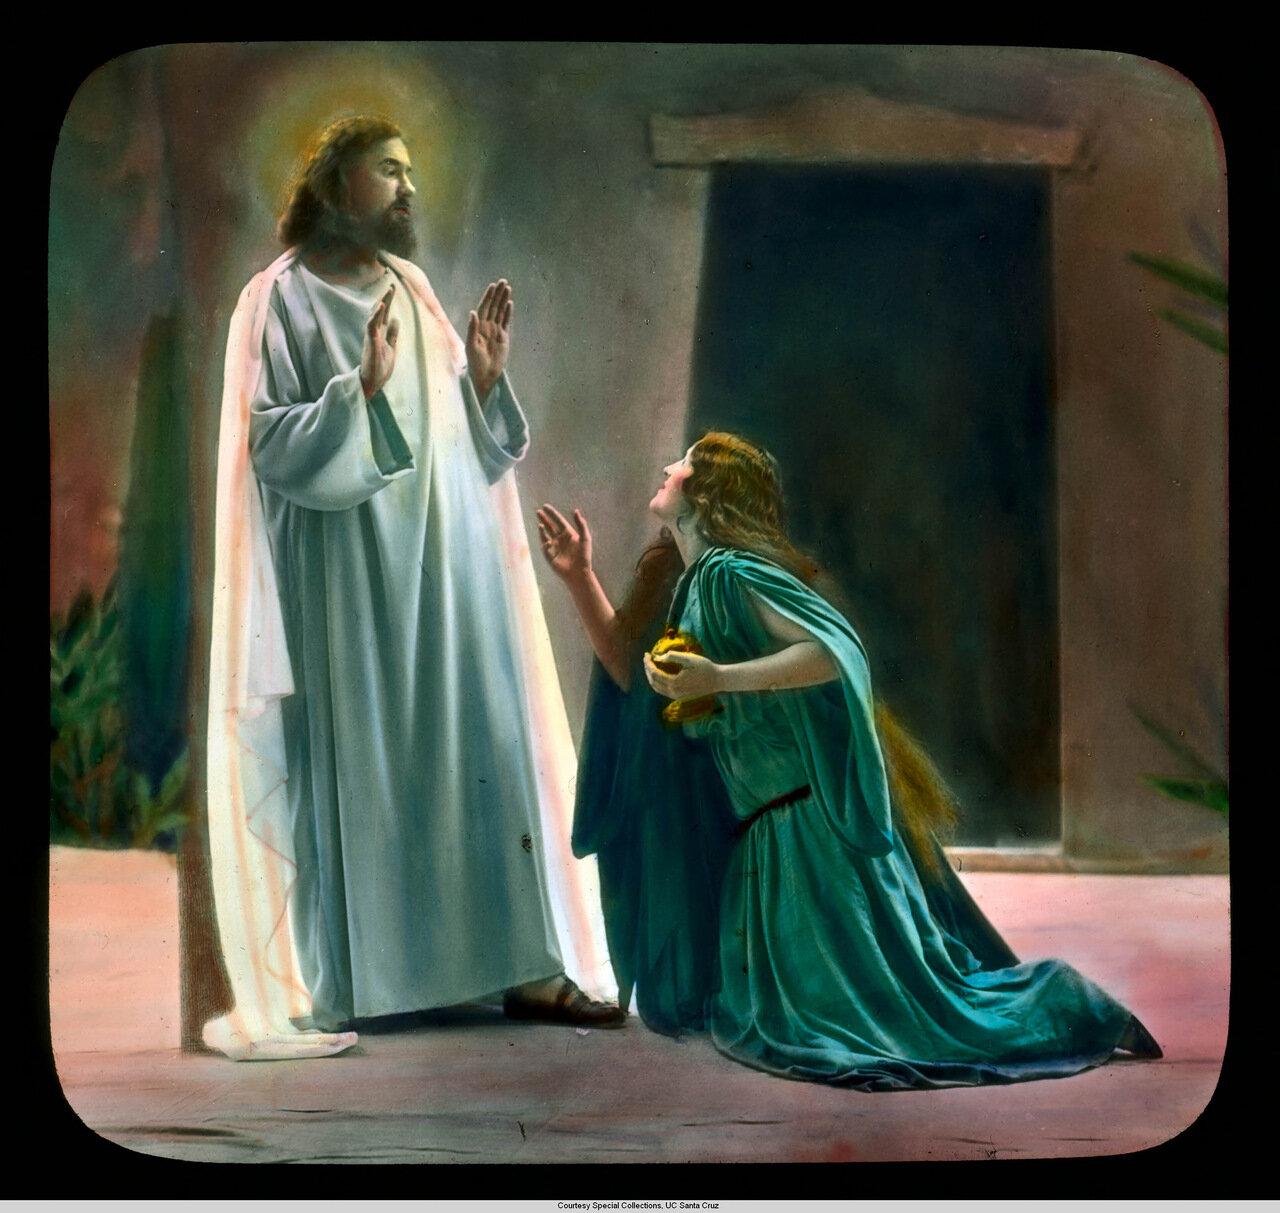 Обераммергау. Страсти Христовы. Иисус и Мария Магдалина